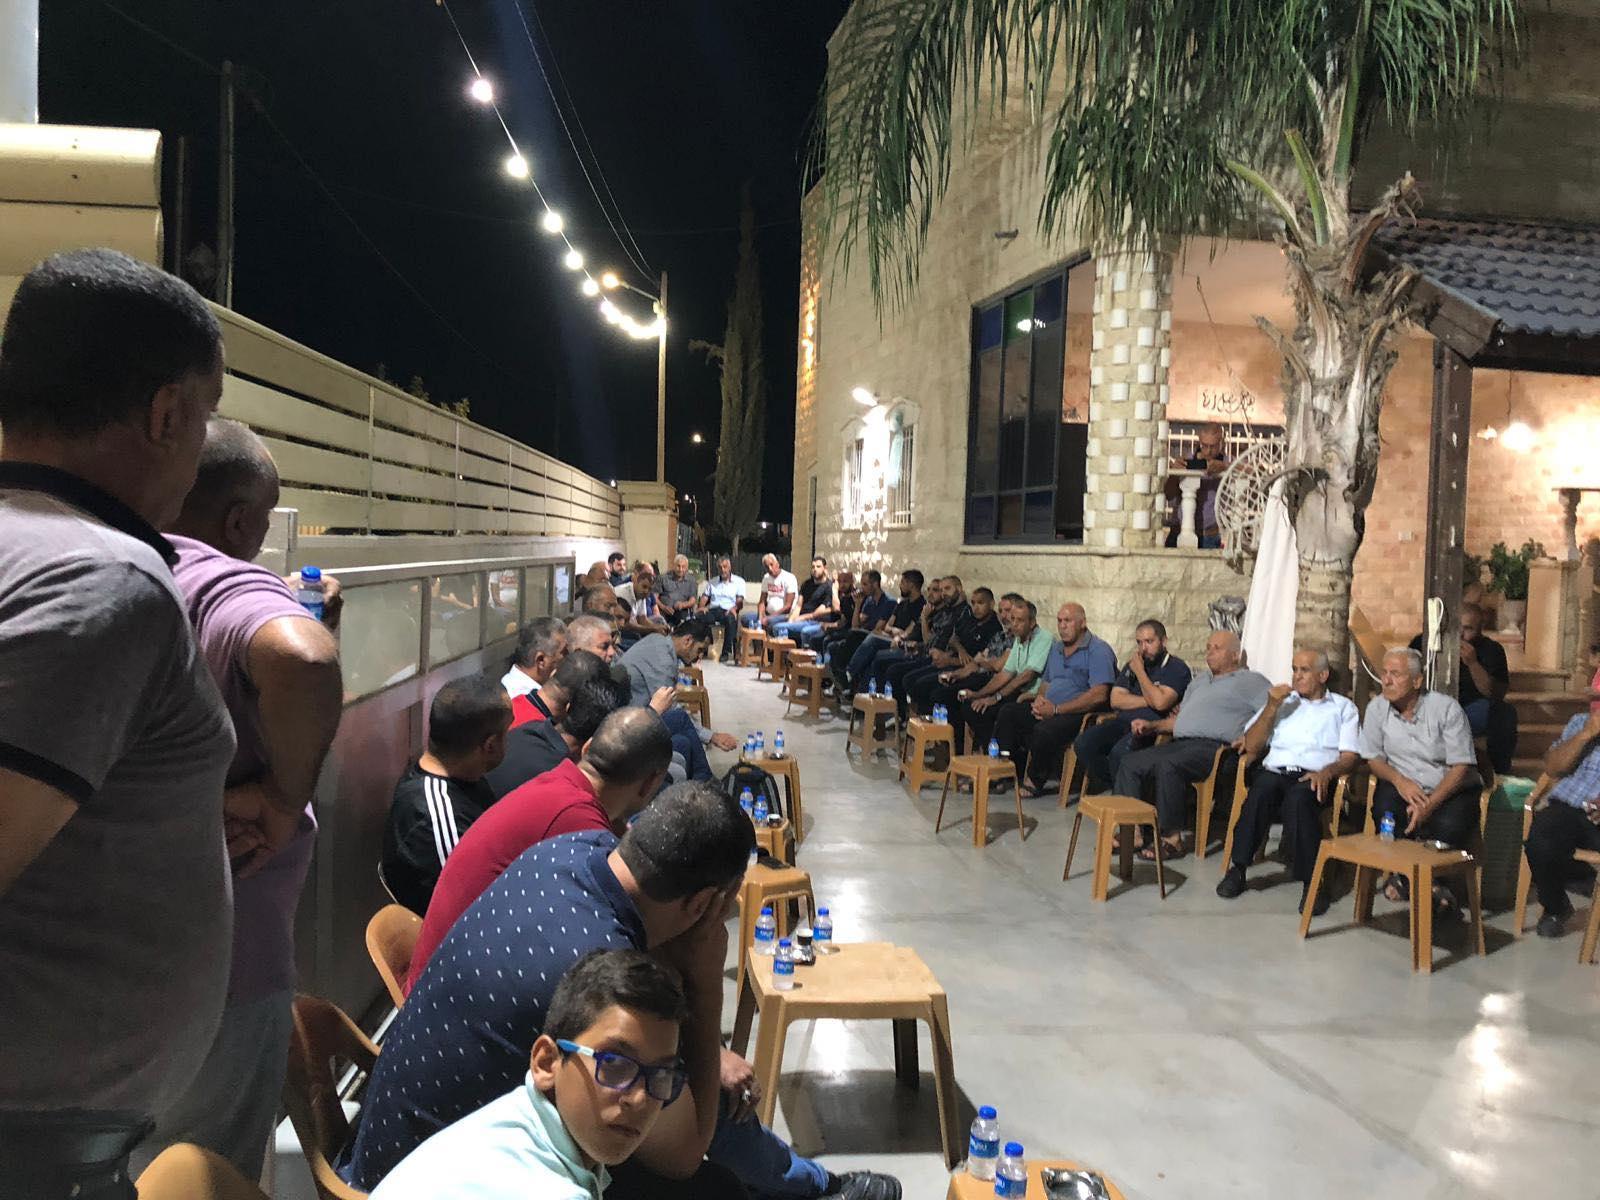 طمرة: البلدية تناشد أهالي حي الدريجات بعدم البناء مؤقتا